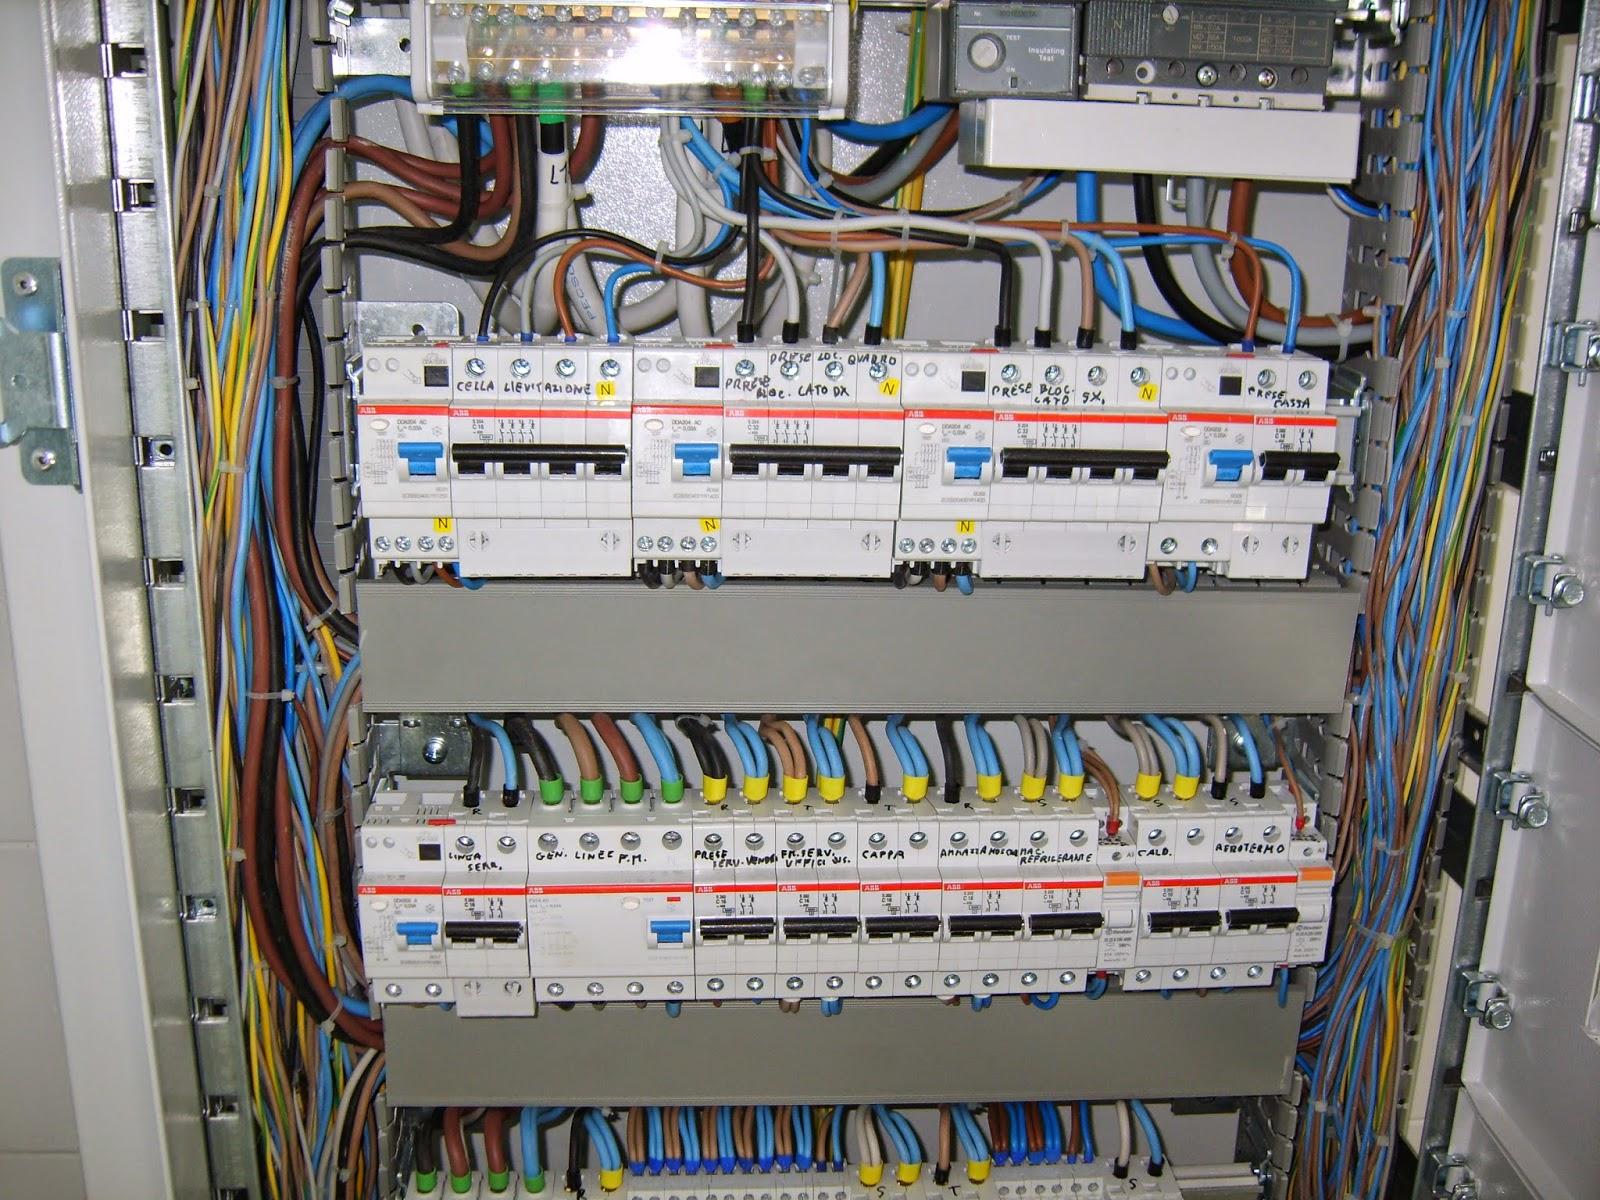 Schemi Cablaggio Quadri Elettrici : Elettra quadri elettrici